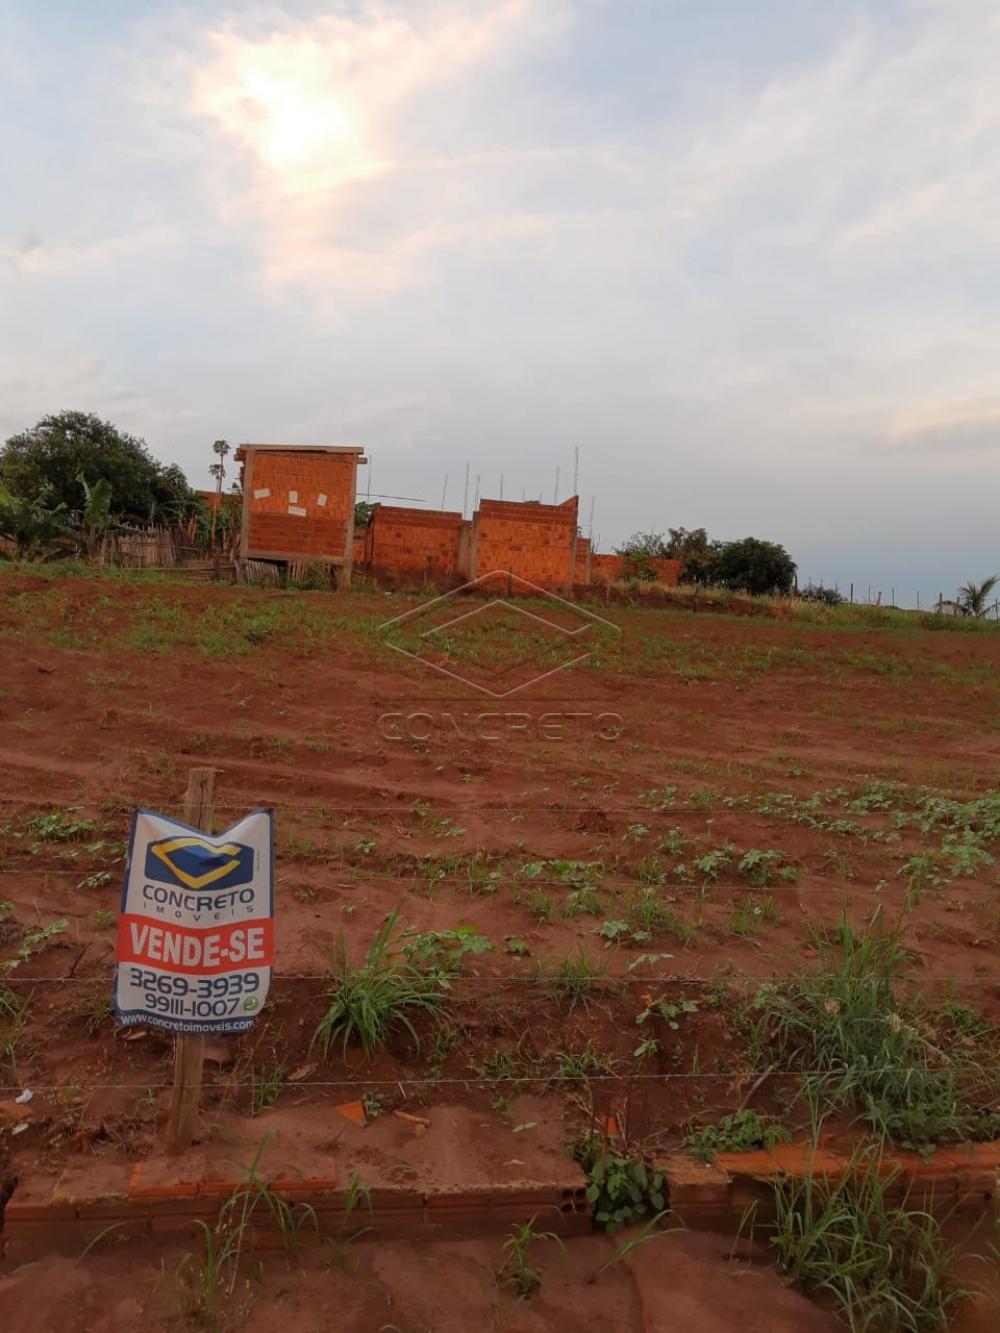 Comprar Rural / Chácara / Fazenda em Macatuba R$ 120.000,00 - Foto 5